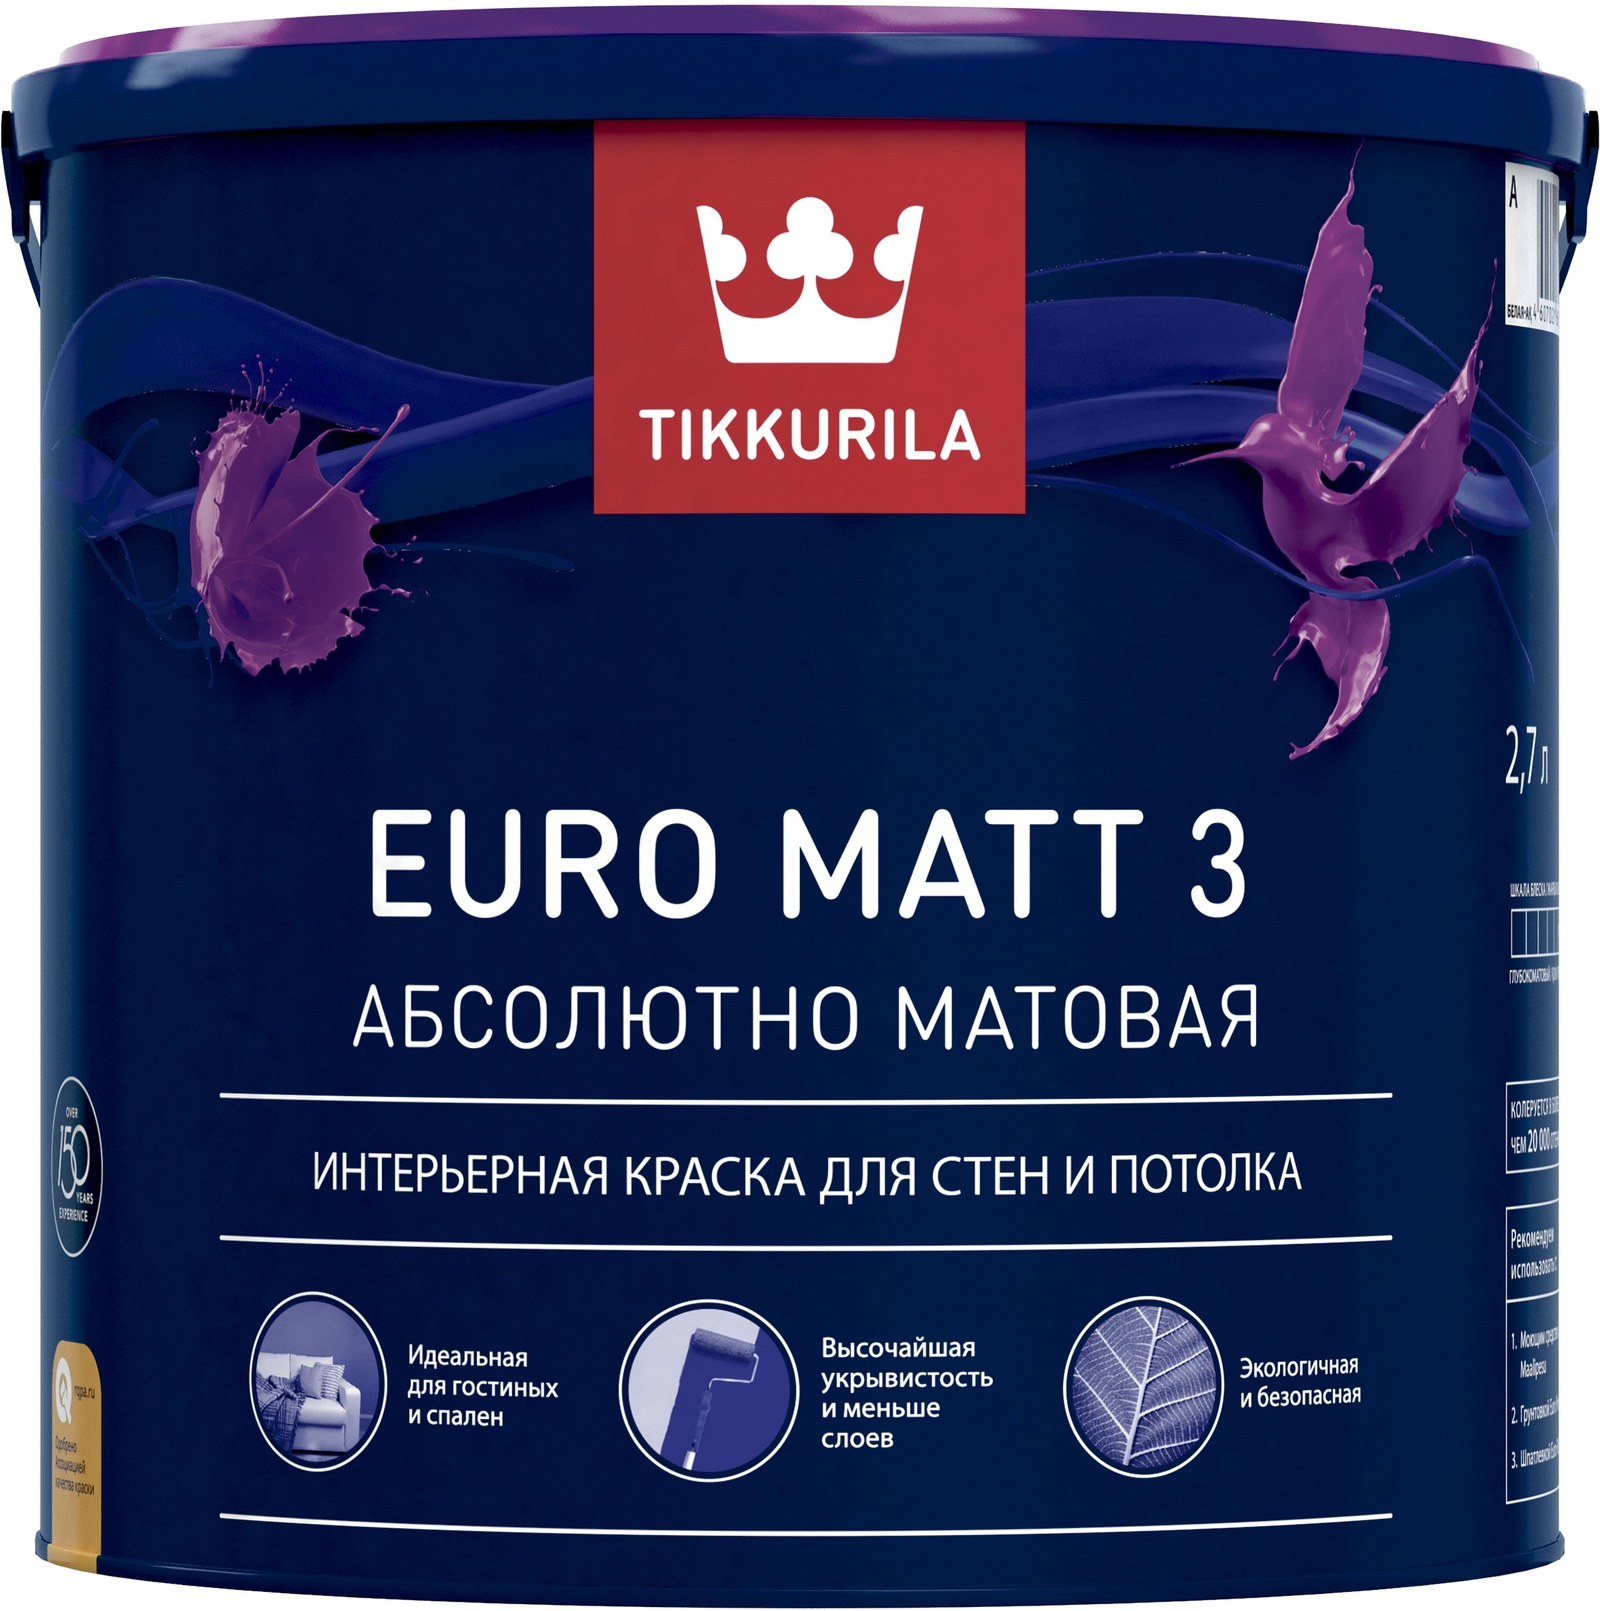 Краска Tikkurila EURO MATT 3 A гл/мат 2,7л, белый краска в д euro trend a мат д обоев и стен мат 2 7л арт 700009617